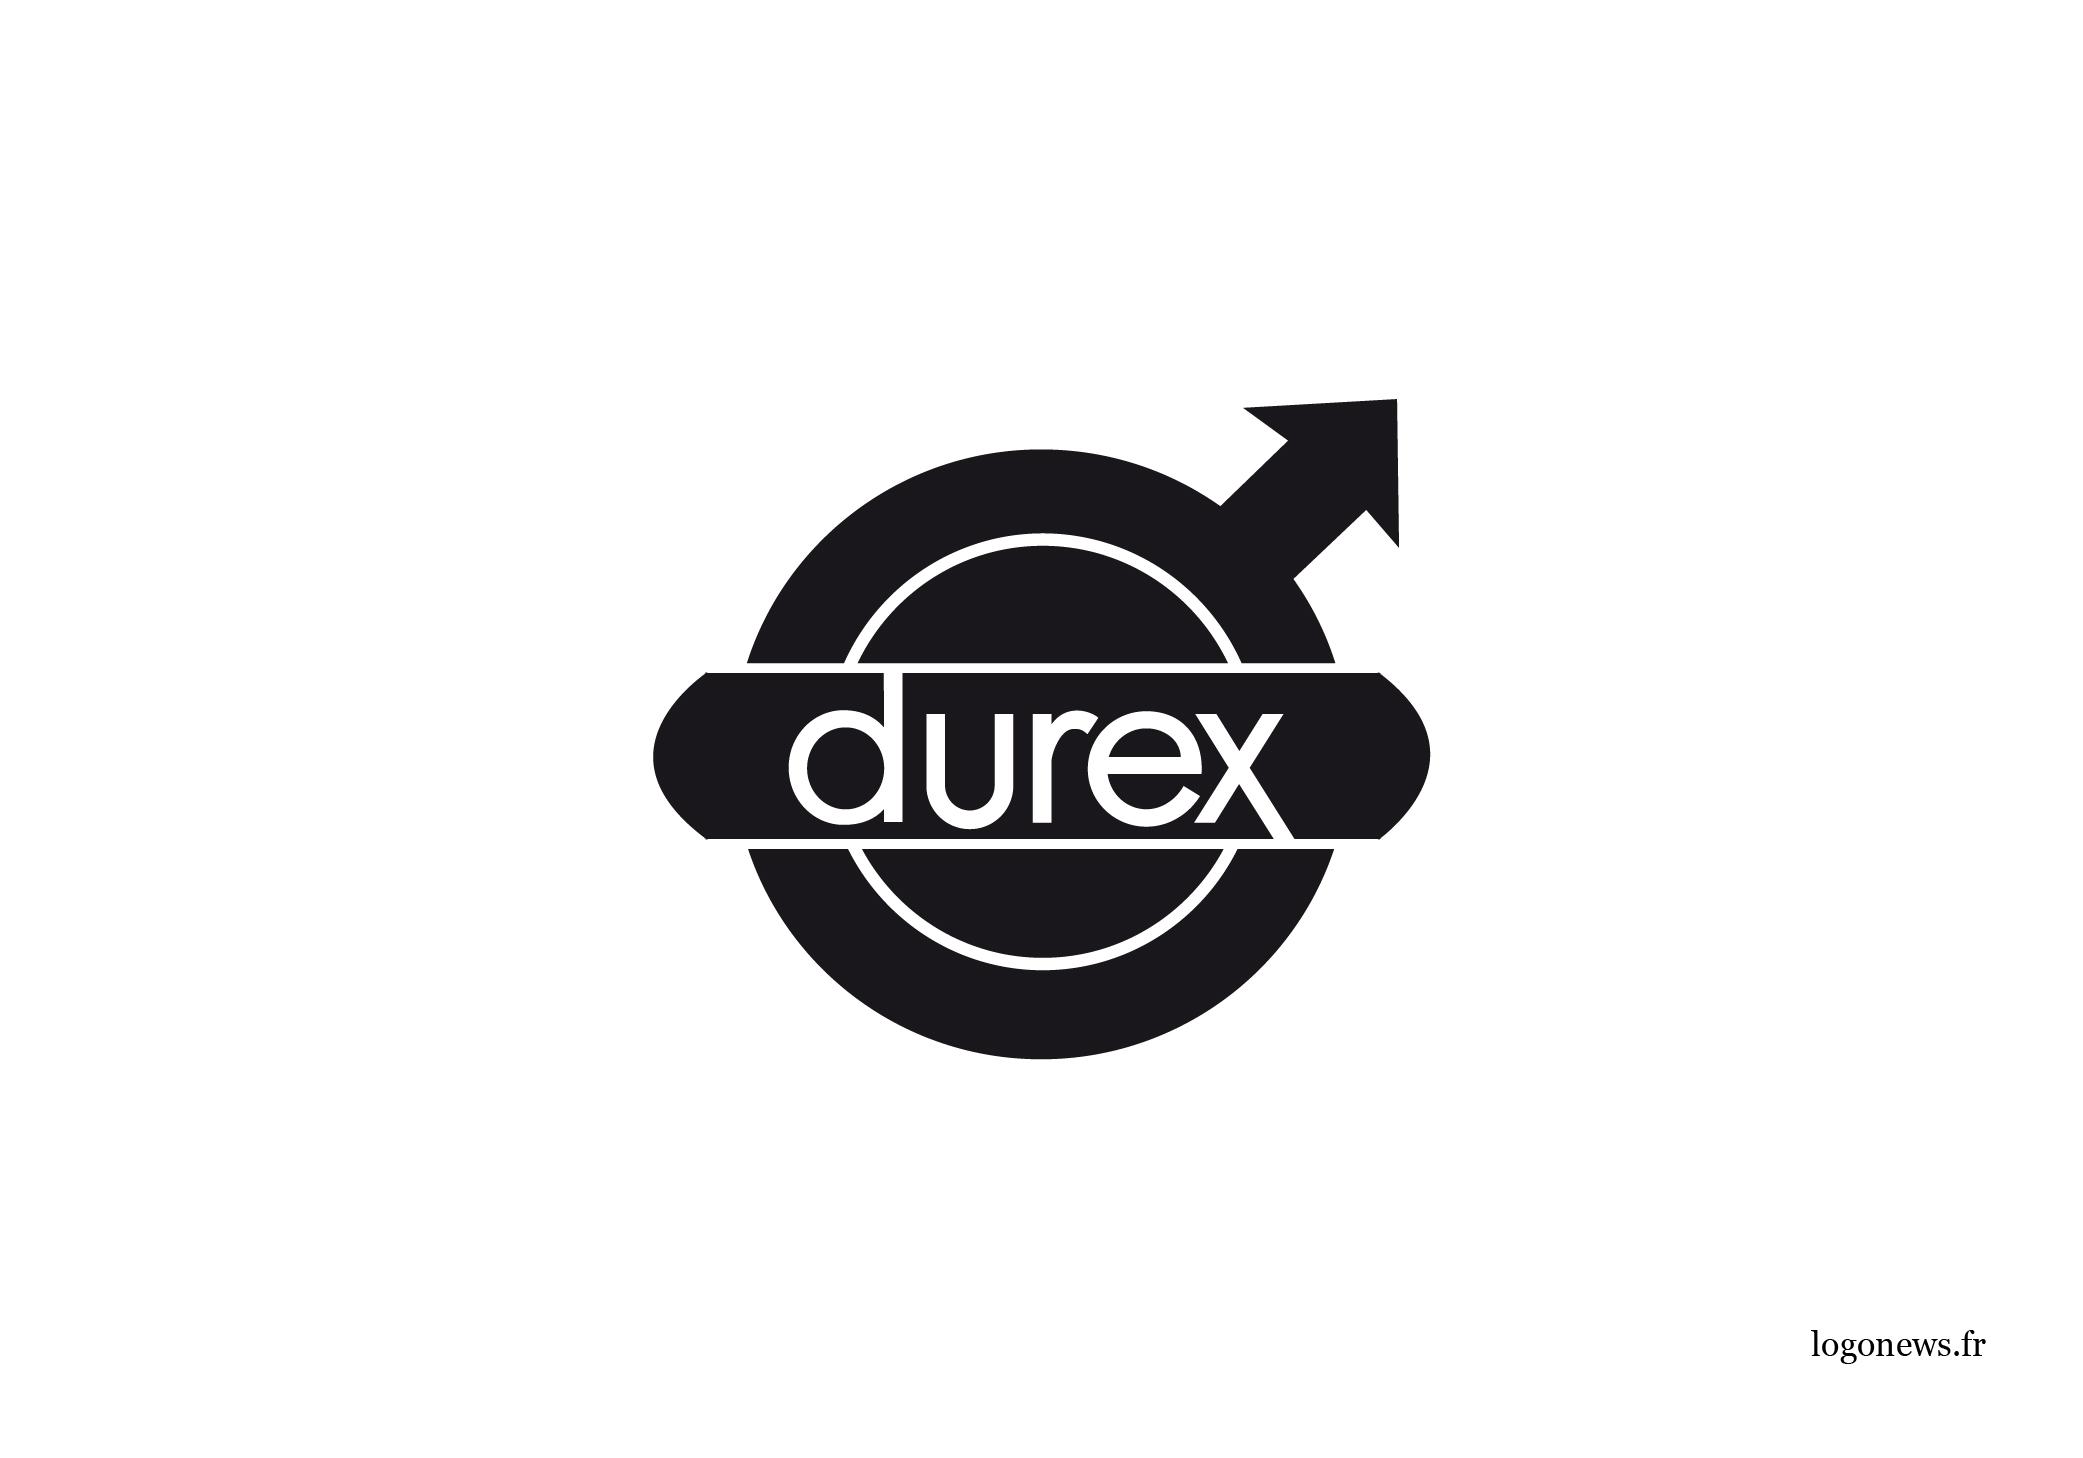 02_ logonews_remix_durex_volvo